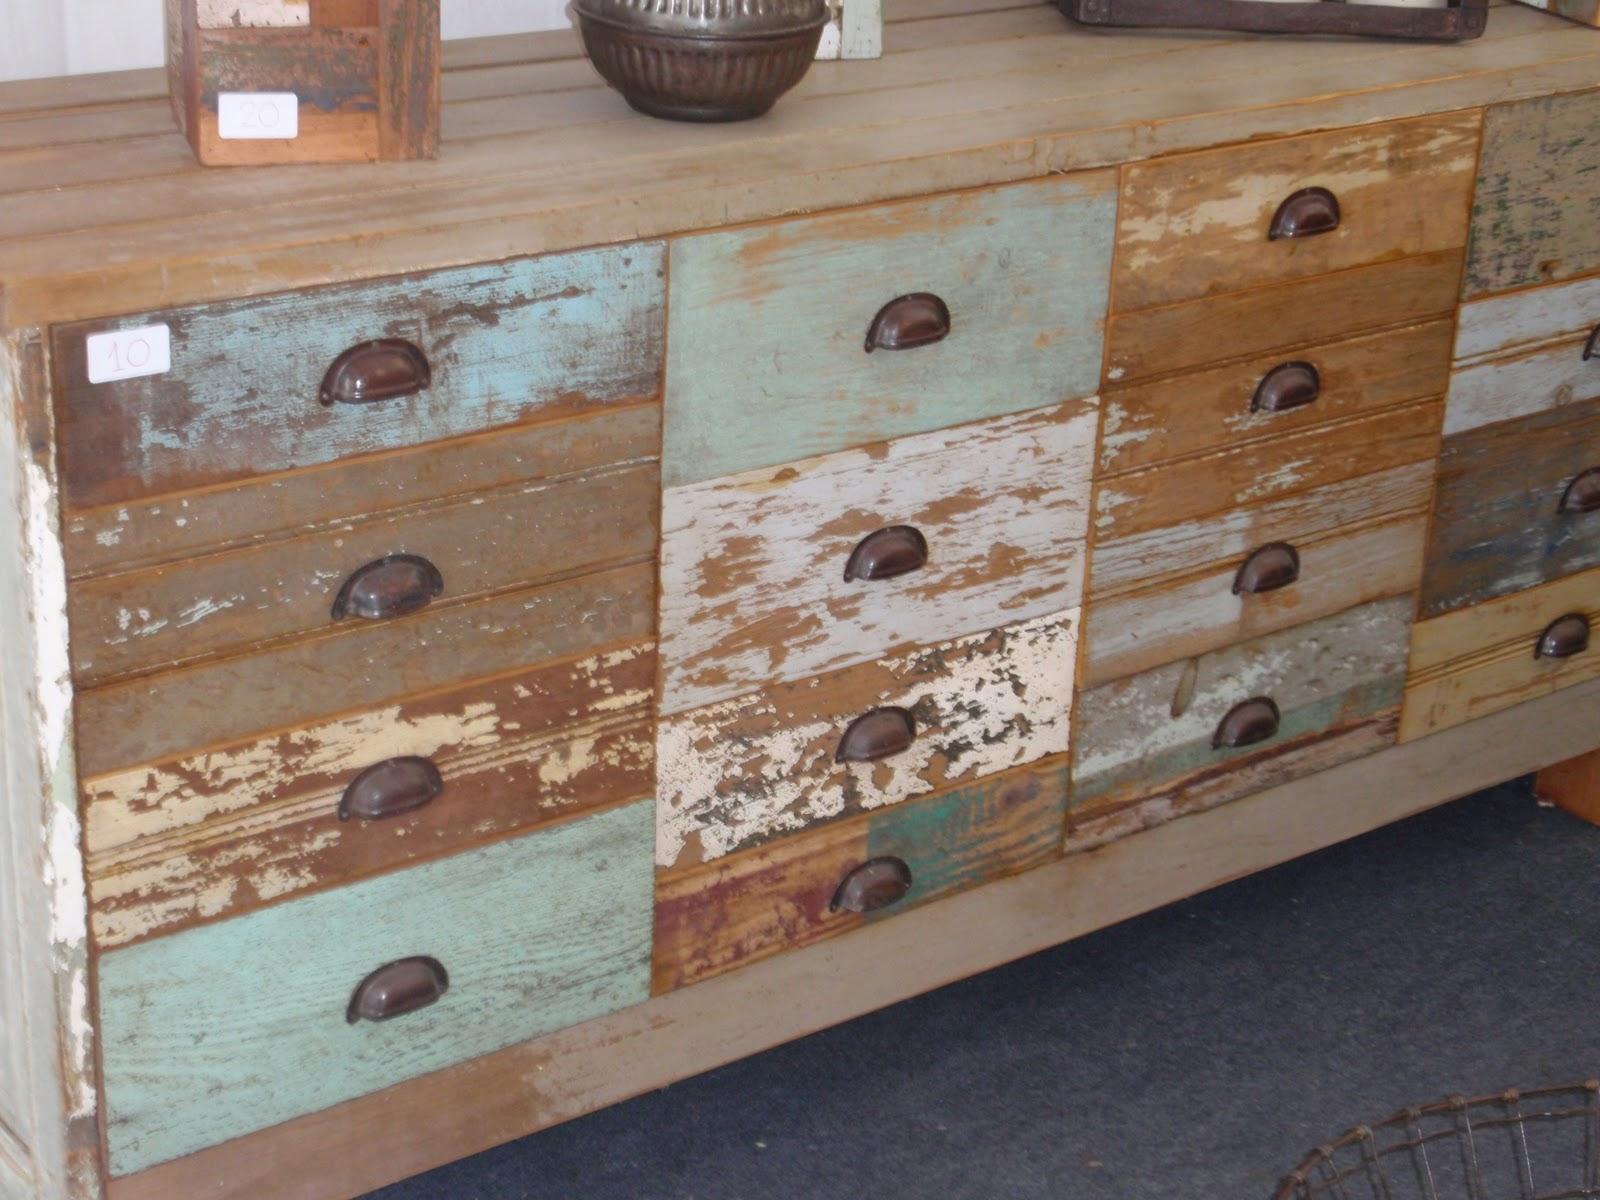 Dise os originales con basura im genes de muebles arte y for Diseno de muebles reciclados